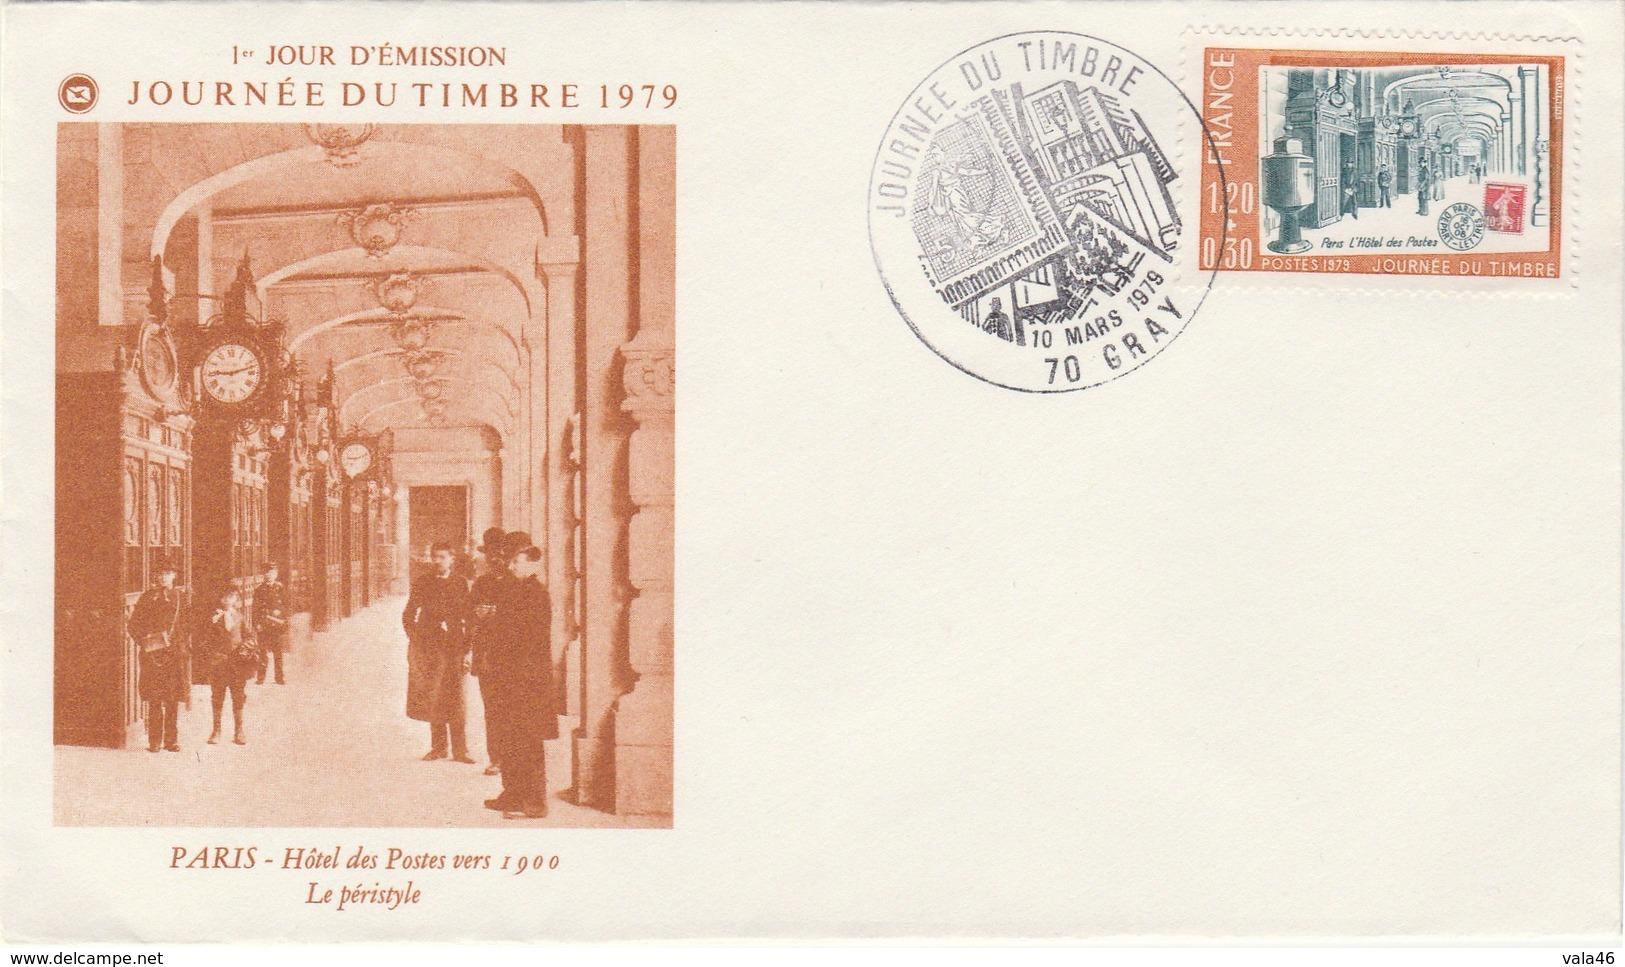 GRAY  70  HOTEL DES POSTES   N° 2037  - JOURNEE DU TIMBRE  MARS 1979  ENVELOPPE - Marcophilie (Lettres)